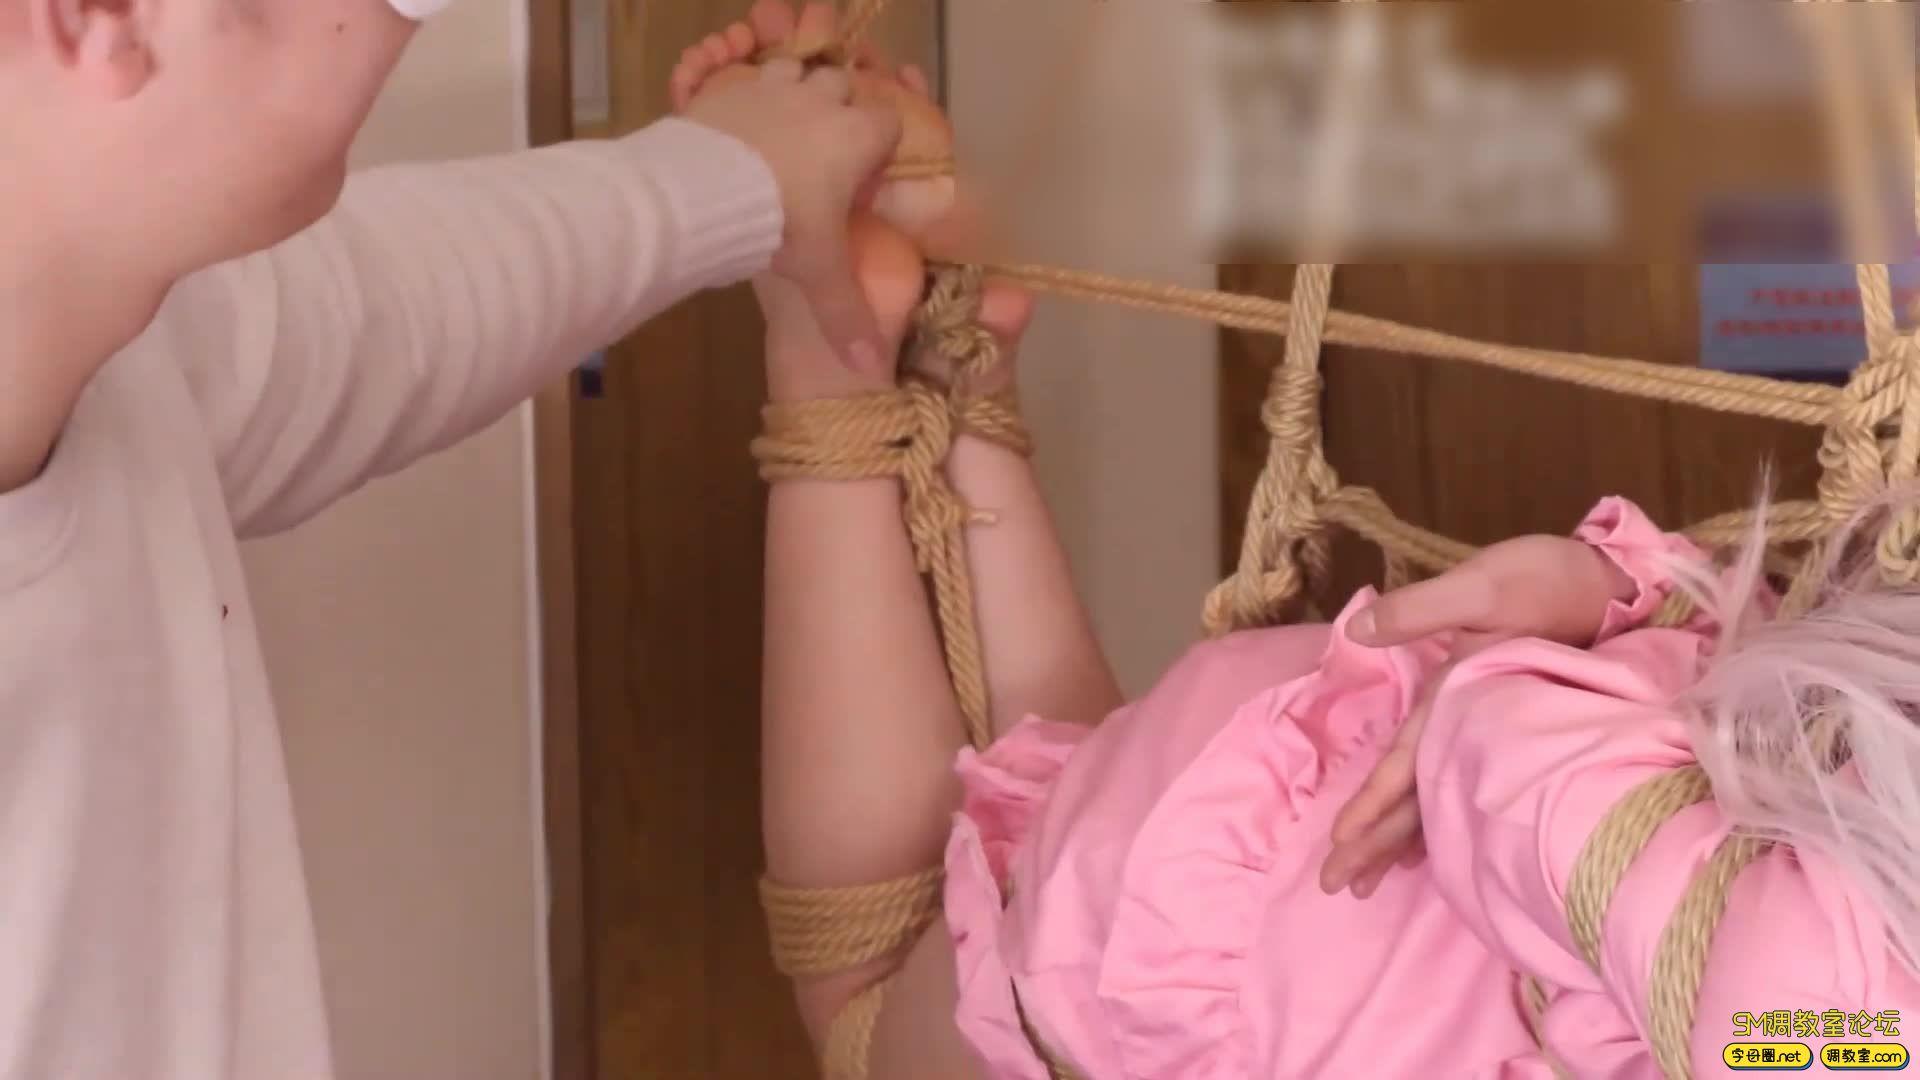 绳艺66号_萝莉妹子安酱的和泉纱雾COS吊缚滴蜡虐足-视频截图8